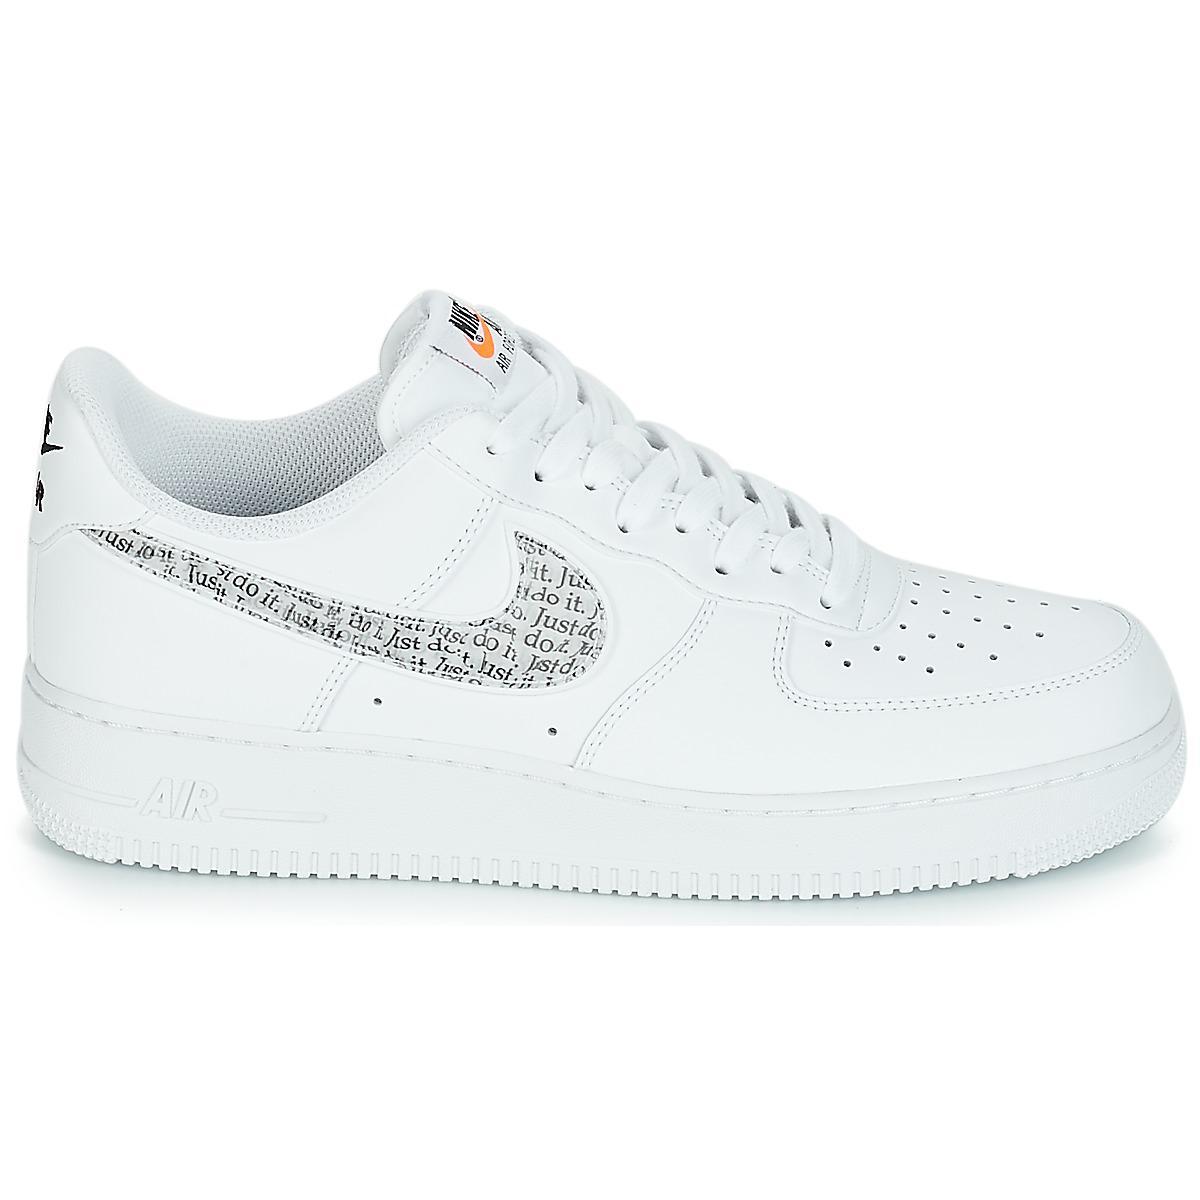 buy online 29747 04f23 Nike - White AIR FORCE 1  07 LV8 JUST DO IT hommes Chaussures en blanc.  Afficher en plein écran